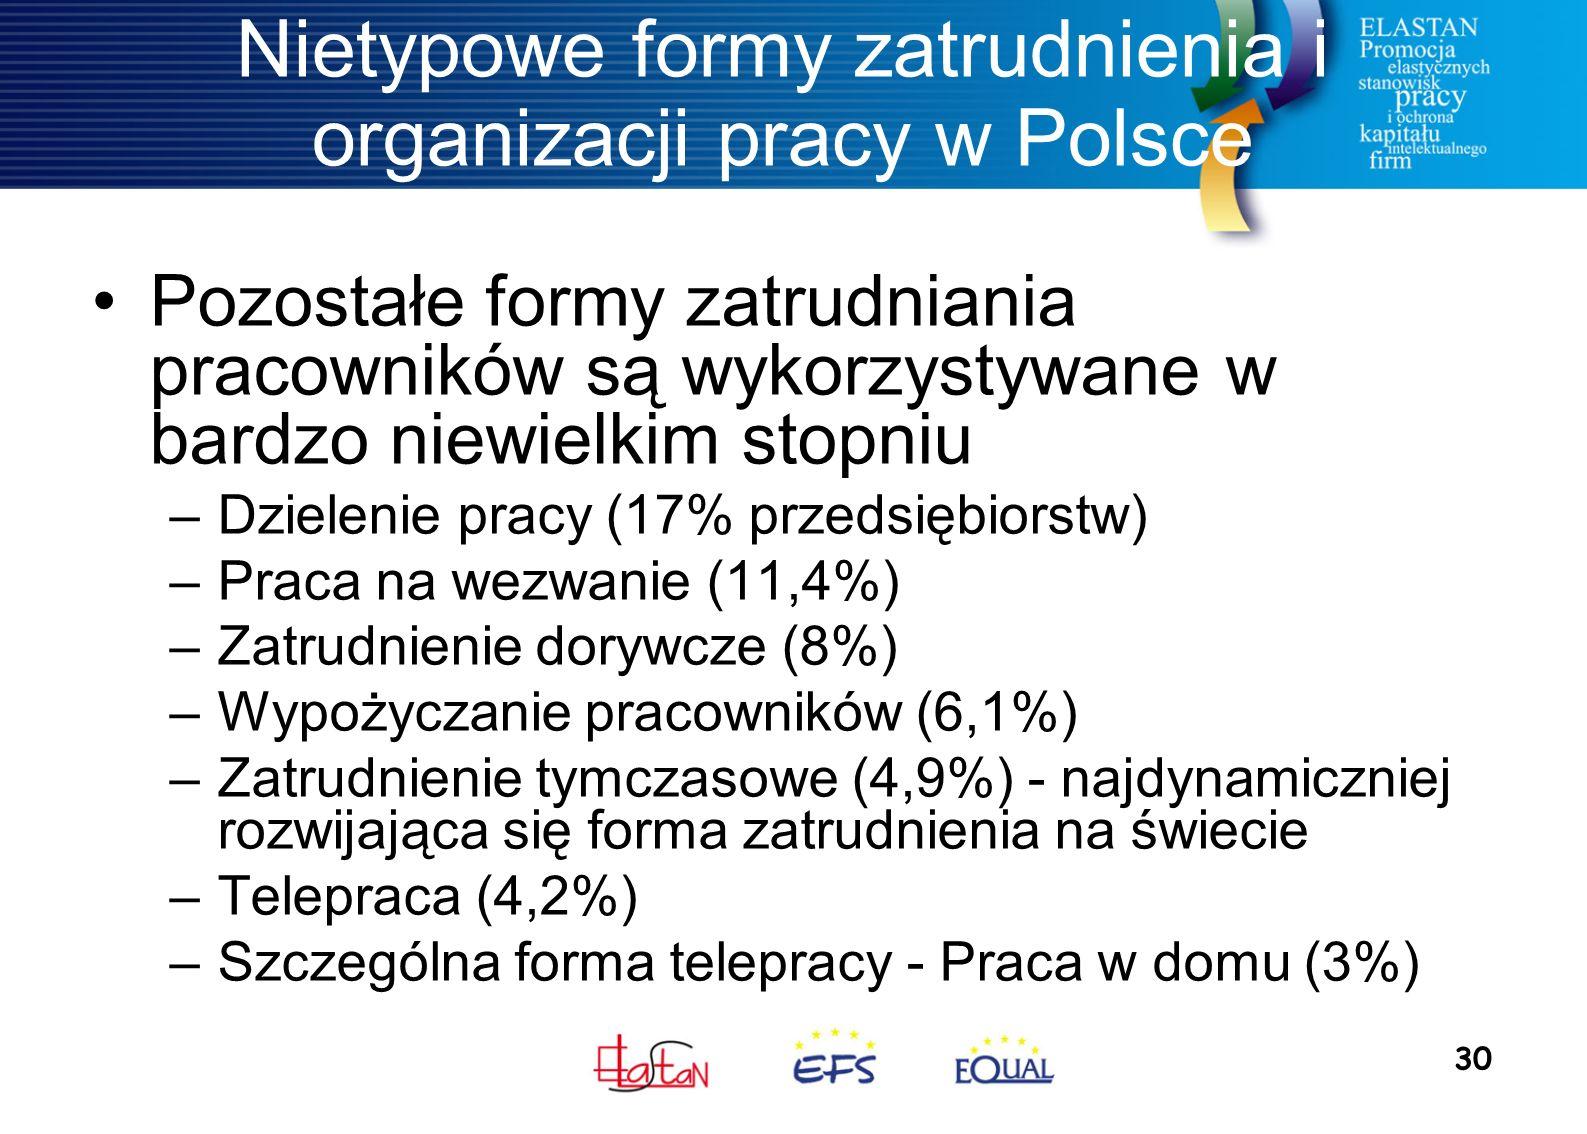 30 Nietypowe formy zatrudnienia i organizacji pracy w Polsce Pozostałe formy zatrudniania pracowników są wykorzystywane w bardzo niewielkim stopniu –Dzielenie pracy (17% przedsiębiorstw) –Praca na wezwanie (11,4%) –Zatrudnienie dorywcze (8%) –Wypożyczanie pracowników (6,1%) –Zatrudnienie tymczasowe (4,9%) - najdynamiczniej rozwijająca się forma zatrudnienia na świecie –Telepraca (4,2%) –Szczególna forma telepracy - Praca w domu (3%)